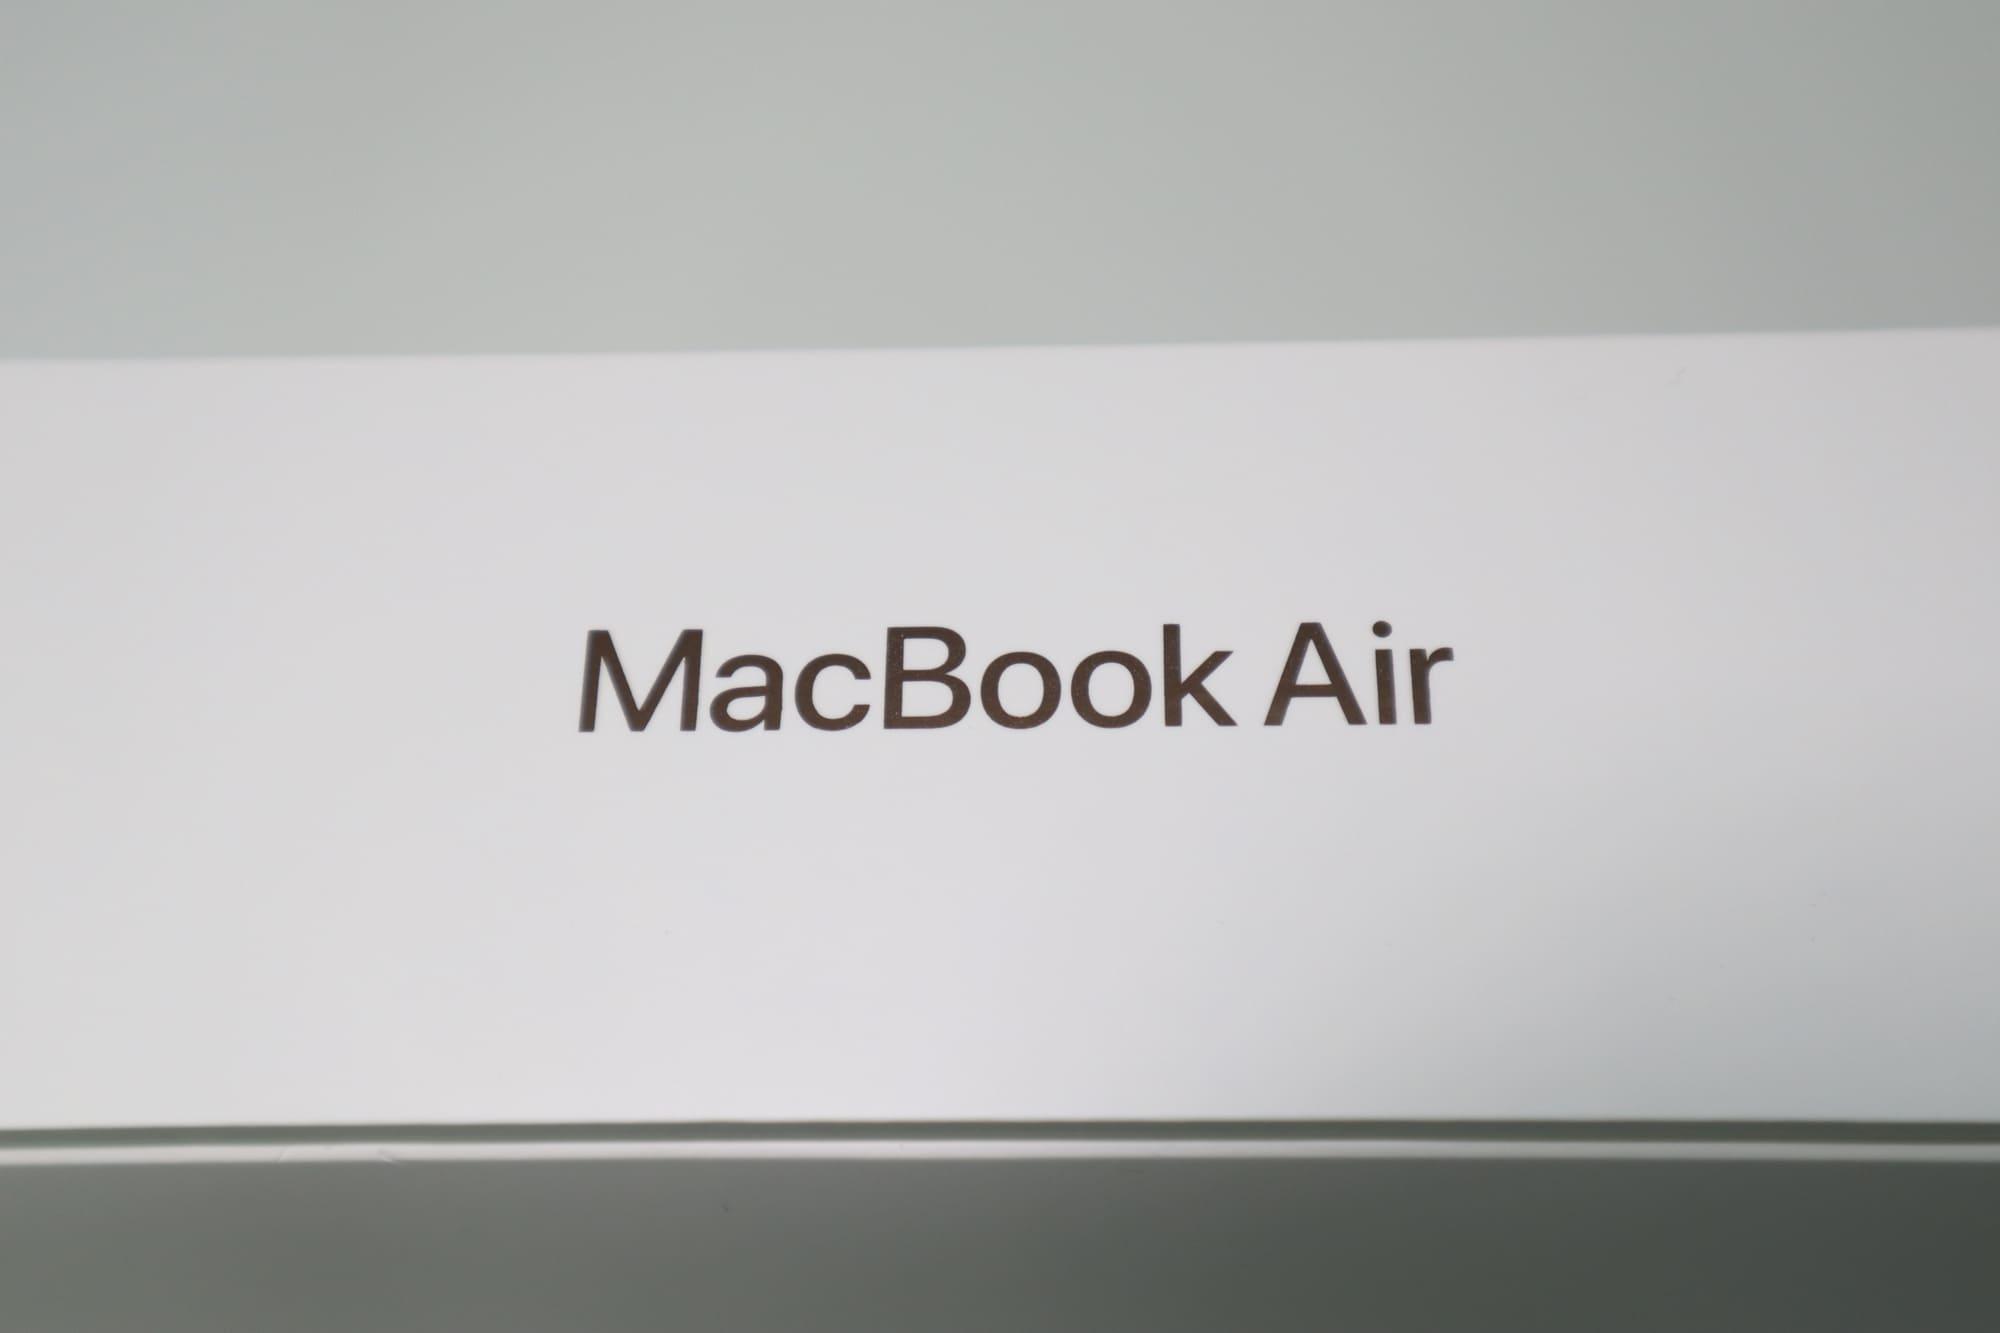 MacBook Airの同梱品